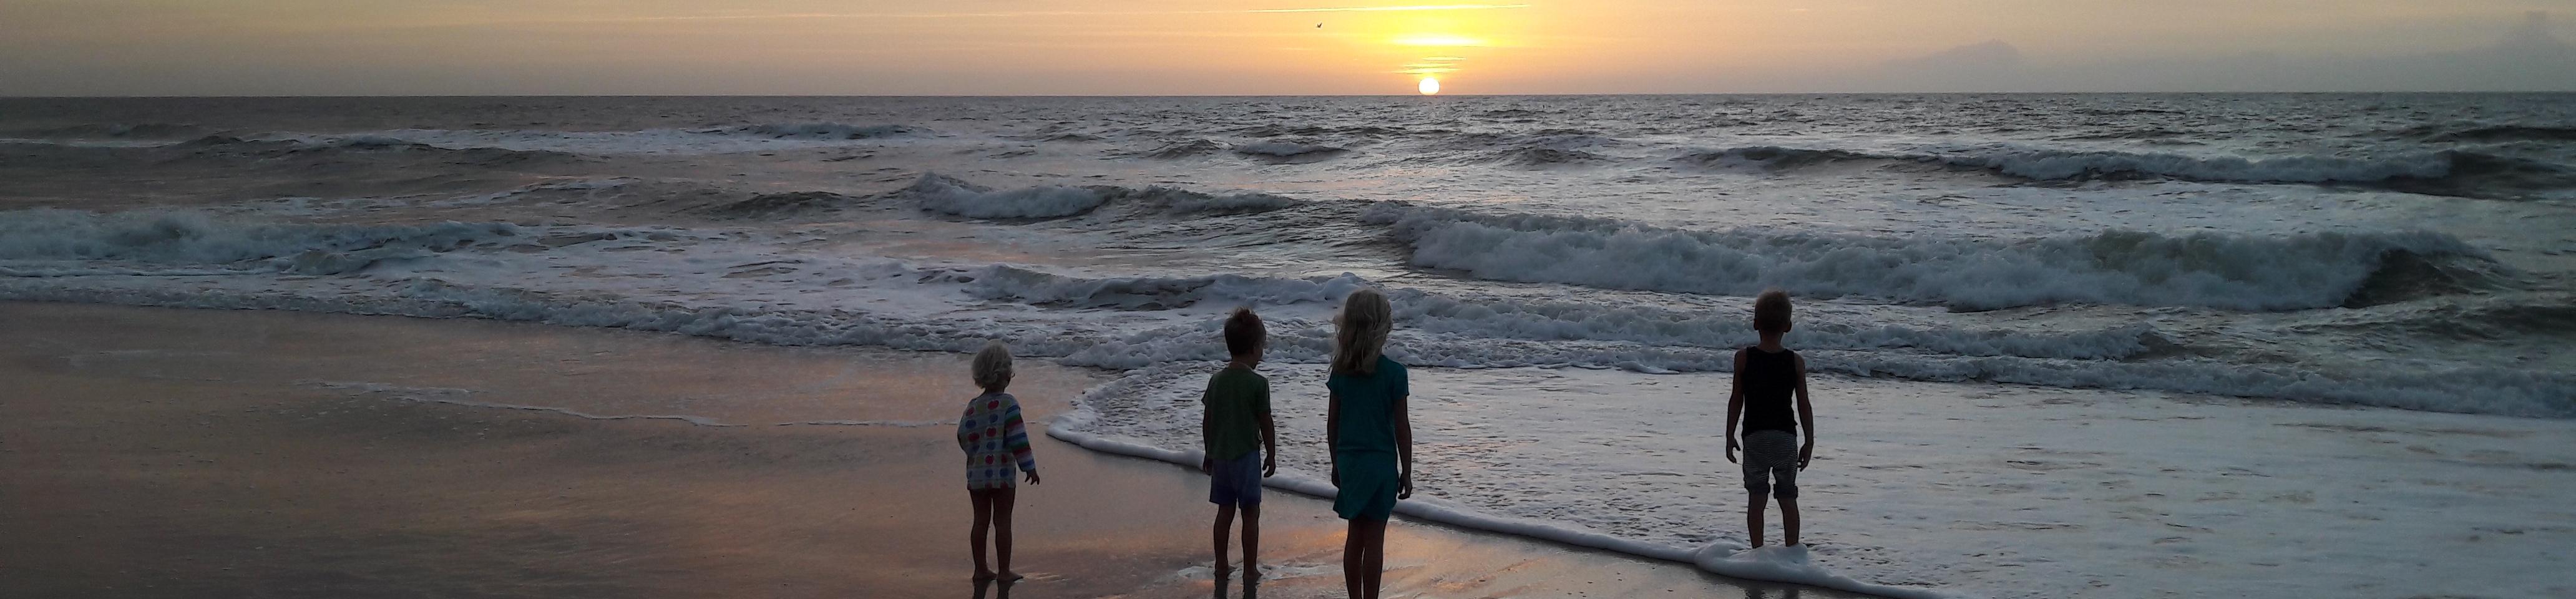 Kinder vor Horizont